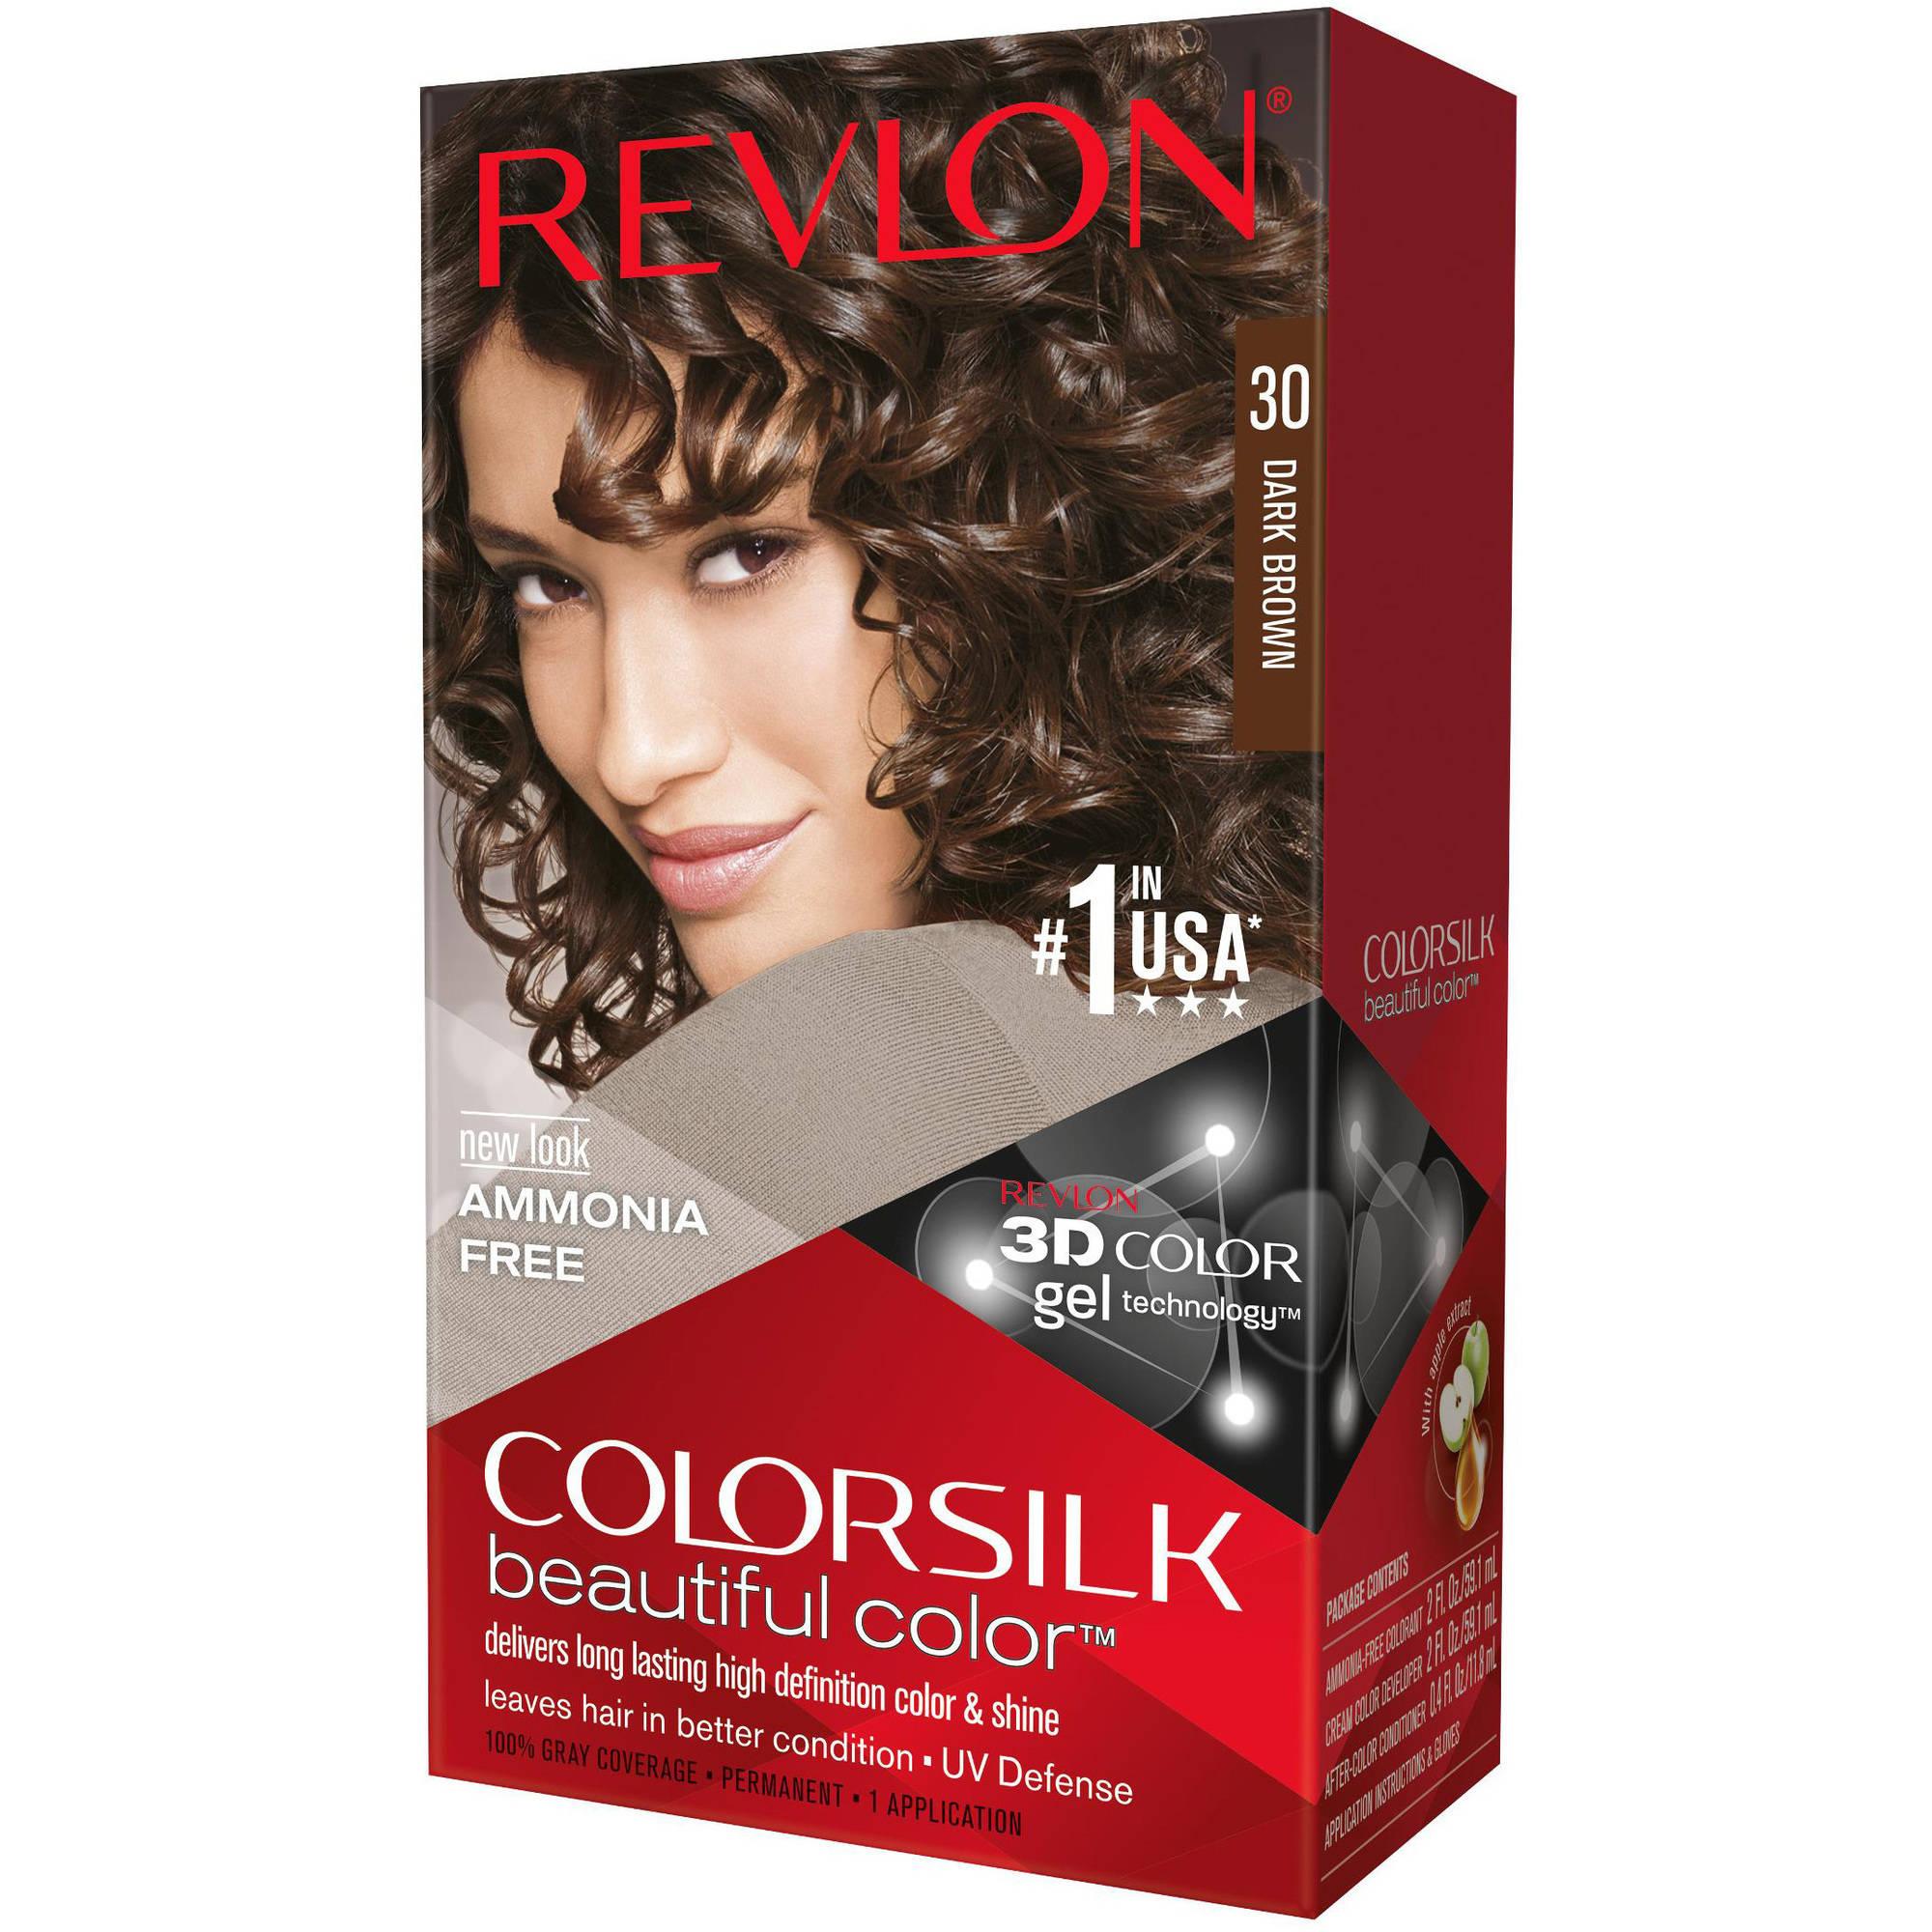 Revlon Colorsilk Beautiful Color Permanent Hair Color, 30 Dark Brown